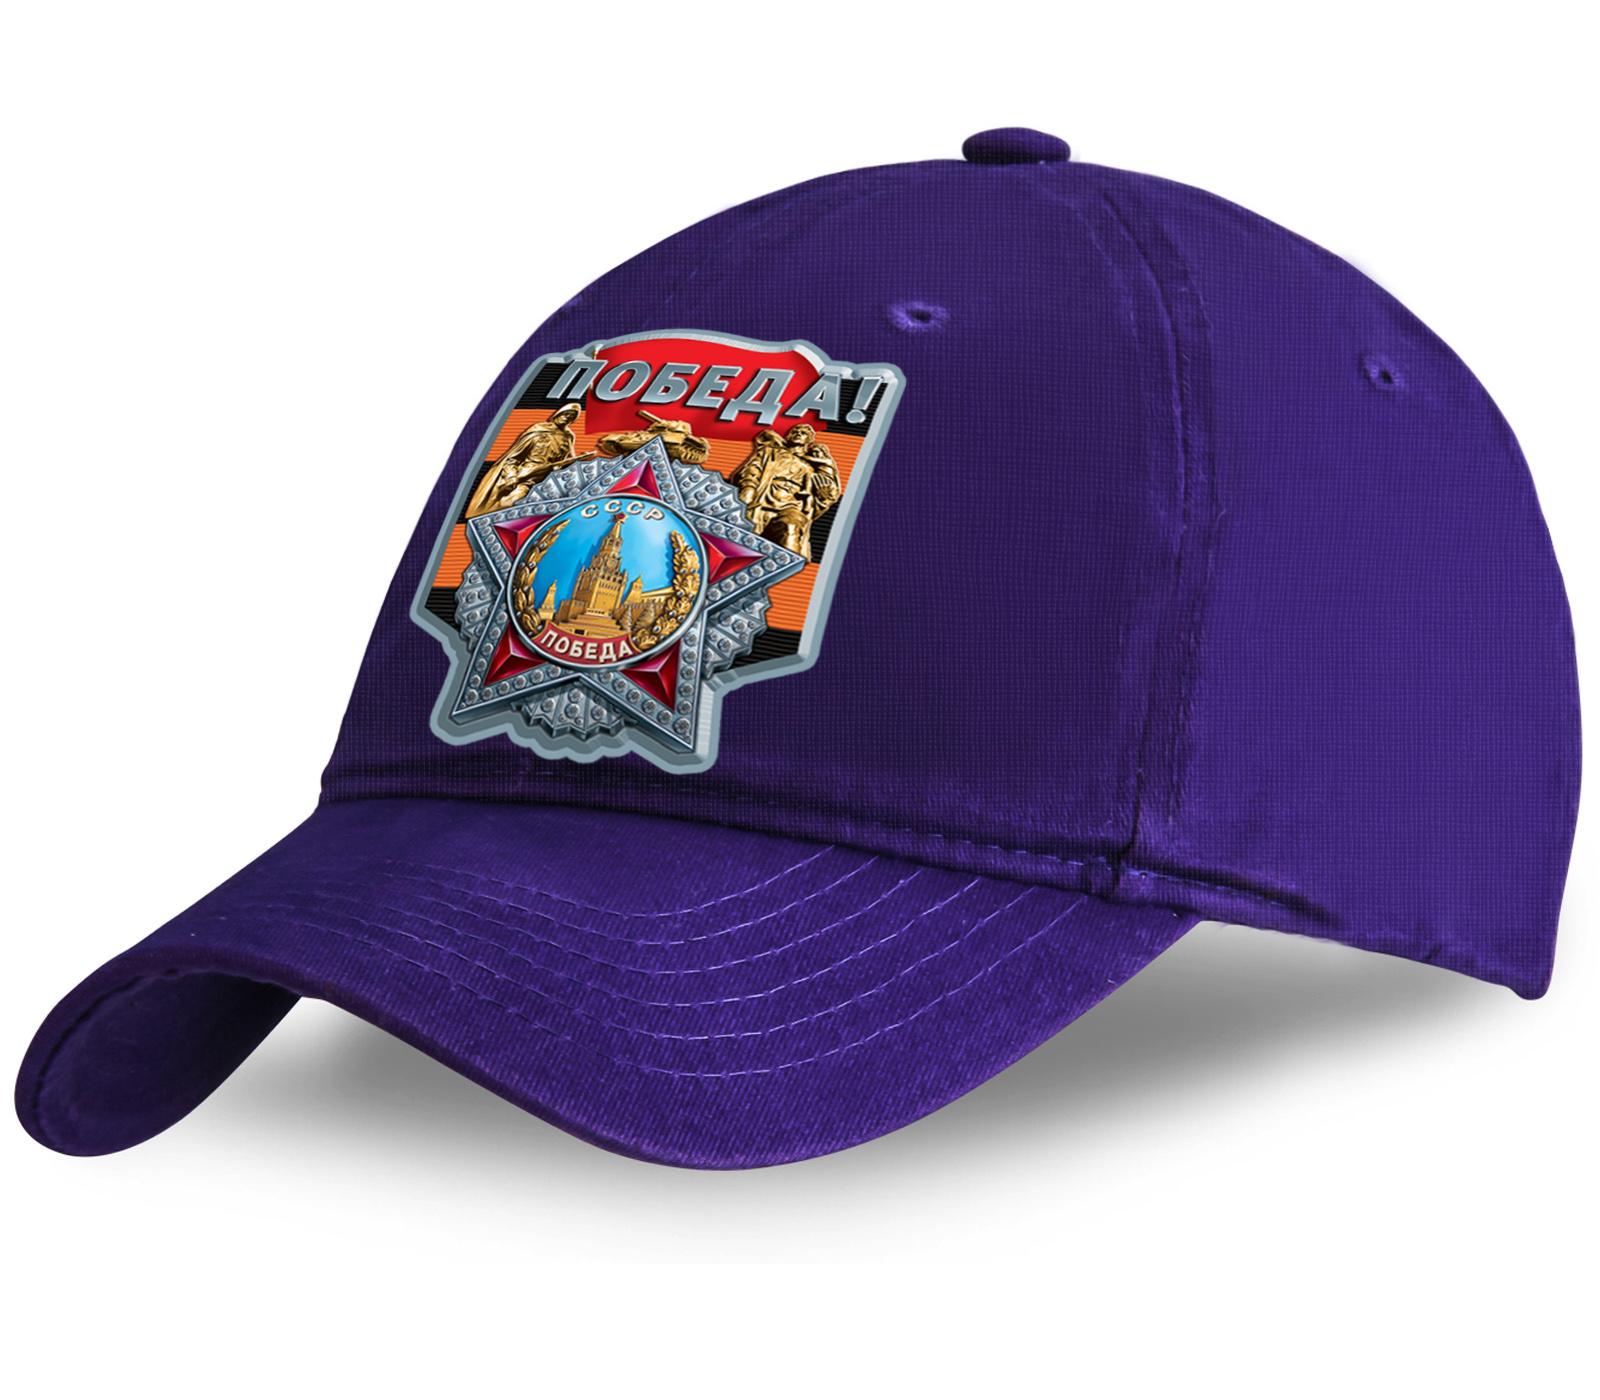 «Классно выглядишь в бейсболке Победа» – только это и будешь слышать на Параде, купив этот стильный головной убор. Ты еще раздумываешь?